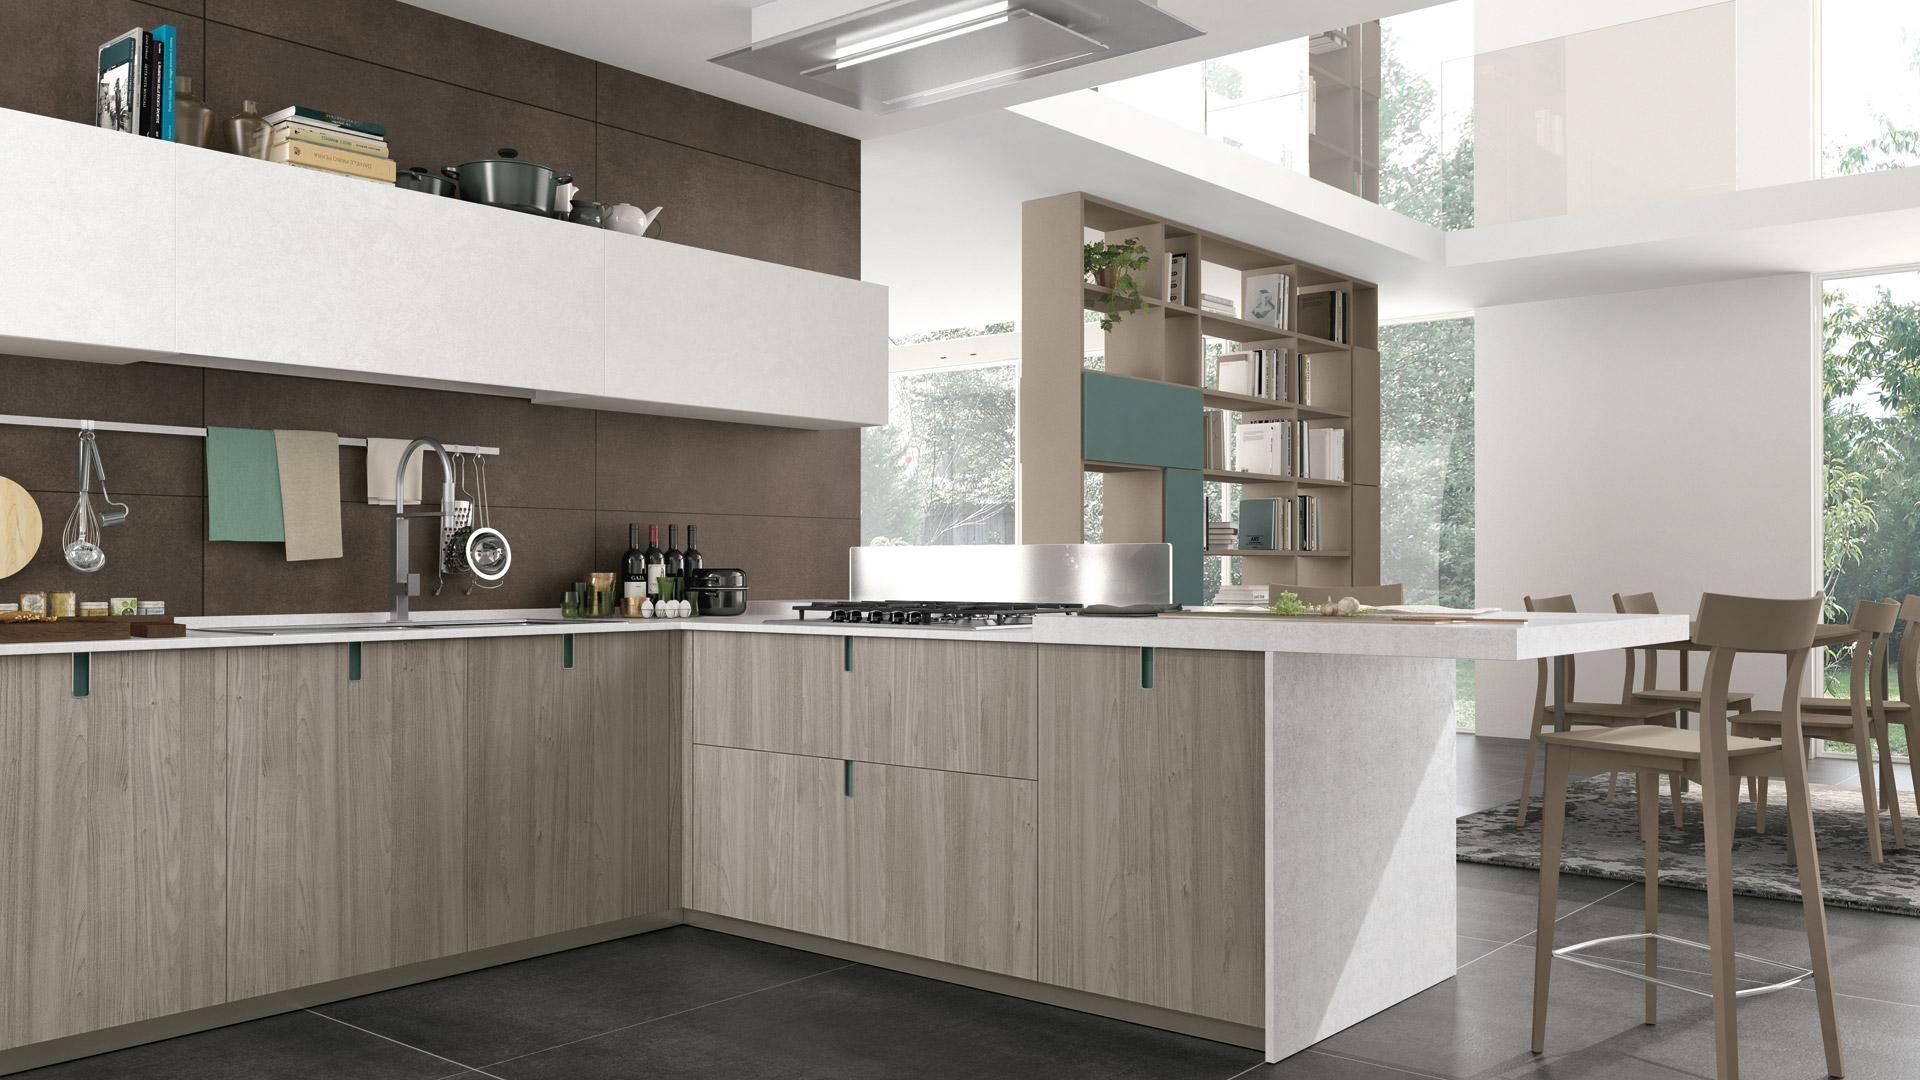 Immagina Bridge - Cucine Lube   Cucina   Pinterest   Interiors